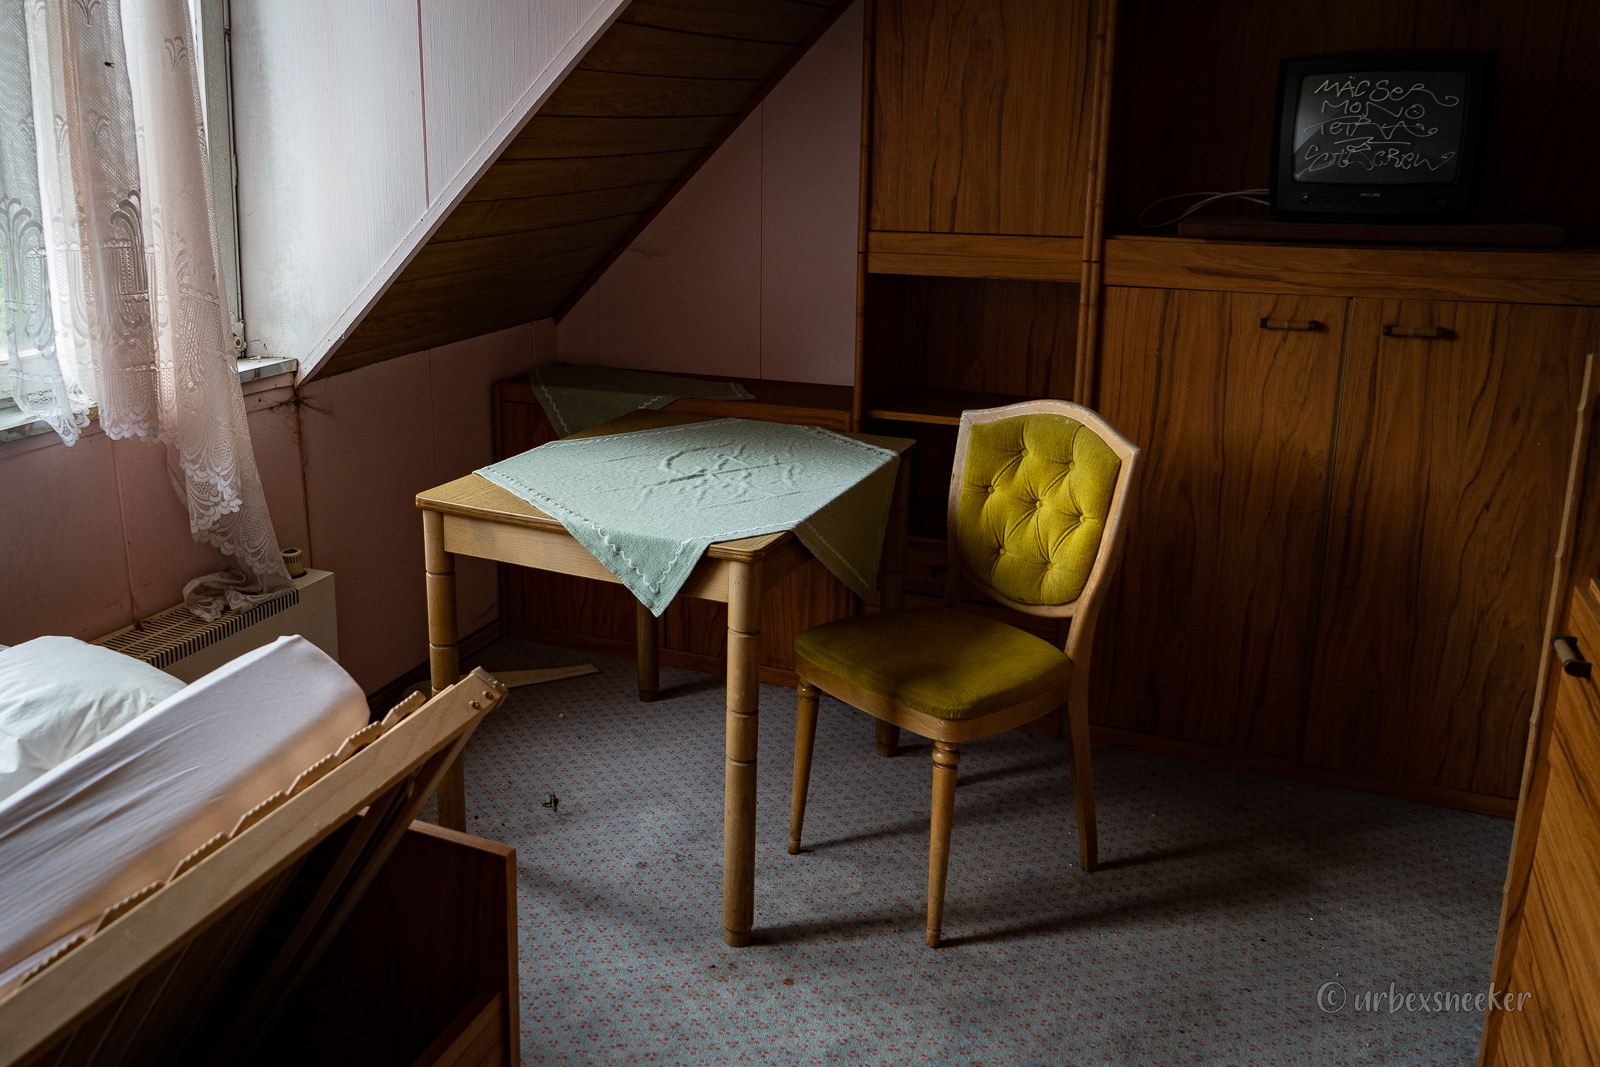 verlassenes hotel harz polsterstuhl DSC00289